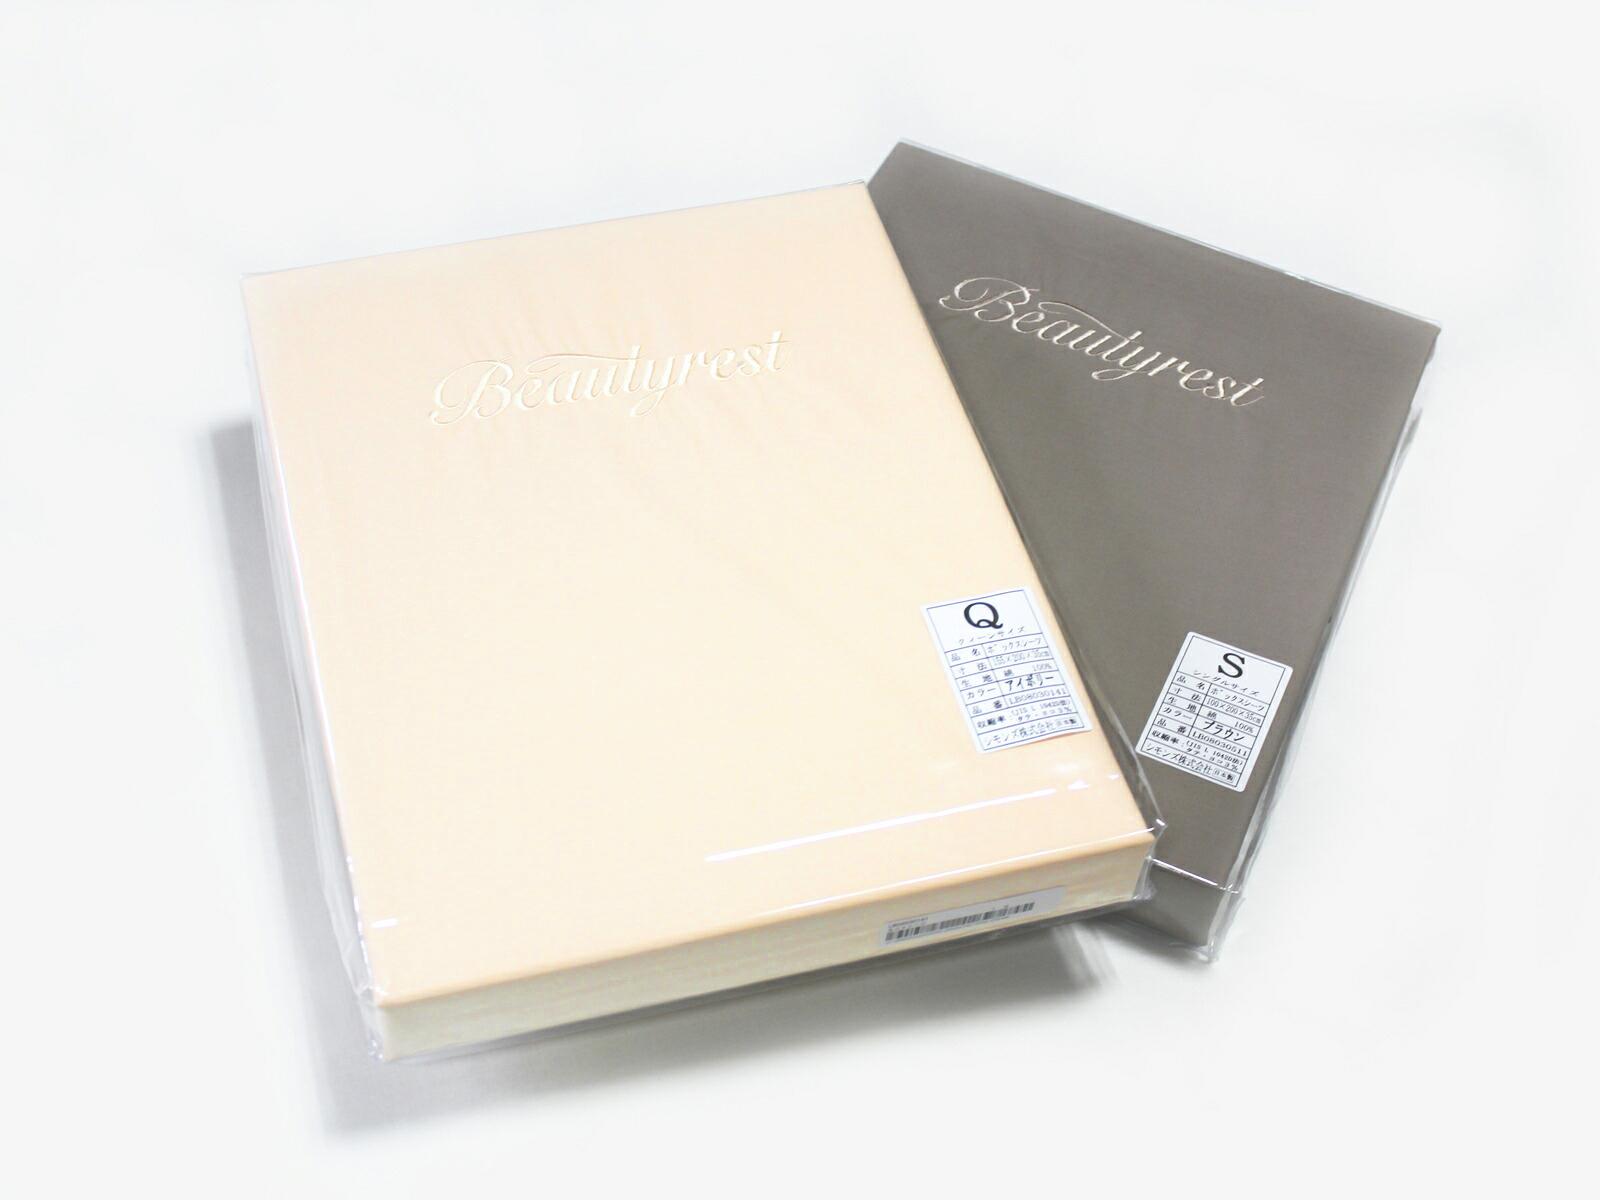 【クーポン配布中!】正規販売店 SIMMONS シモンズ ボックスシーツ Q クイーンサイズ マチ45cm LB0805 シモンズマットレスに最適 レジェンド50用 ベーシックシリーズ BOXシーツ マットレスカバー